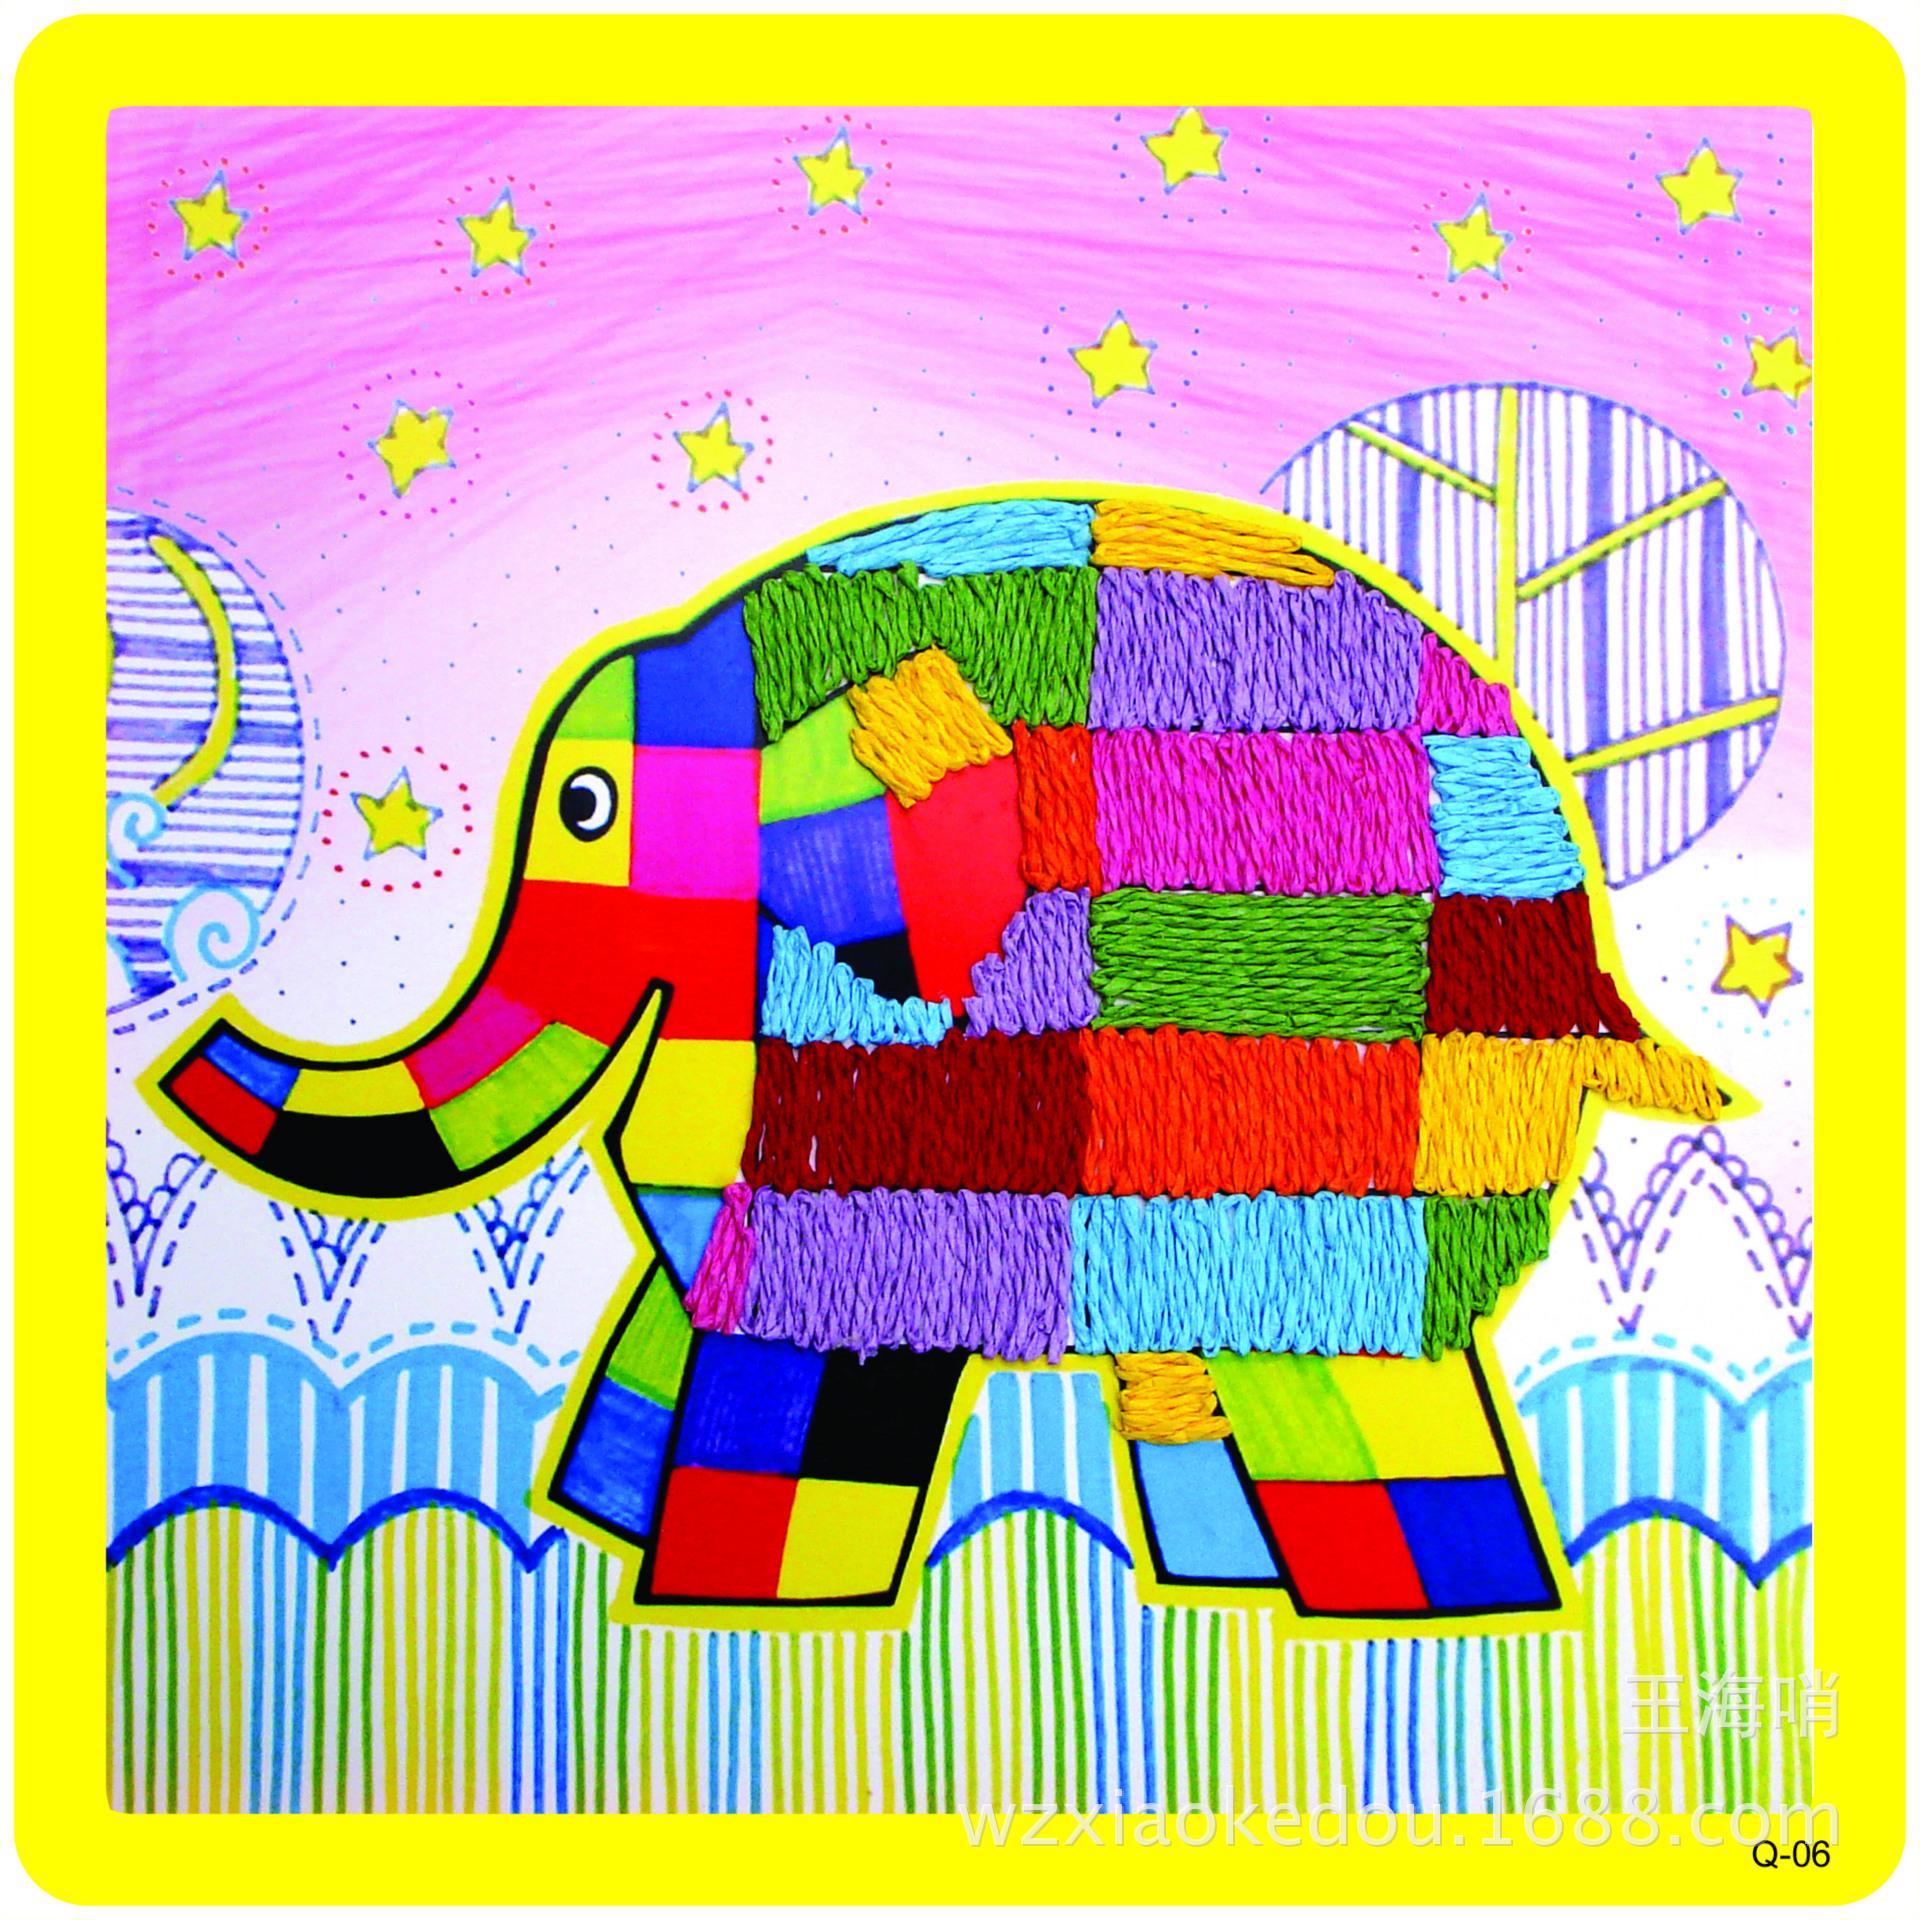 纸绳贴画 新款DIY手工纸绳贴画 幼儿益智手工创意图 环保可爱图案 12